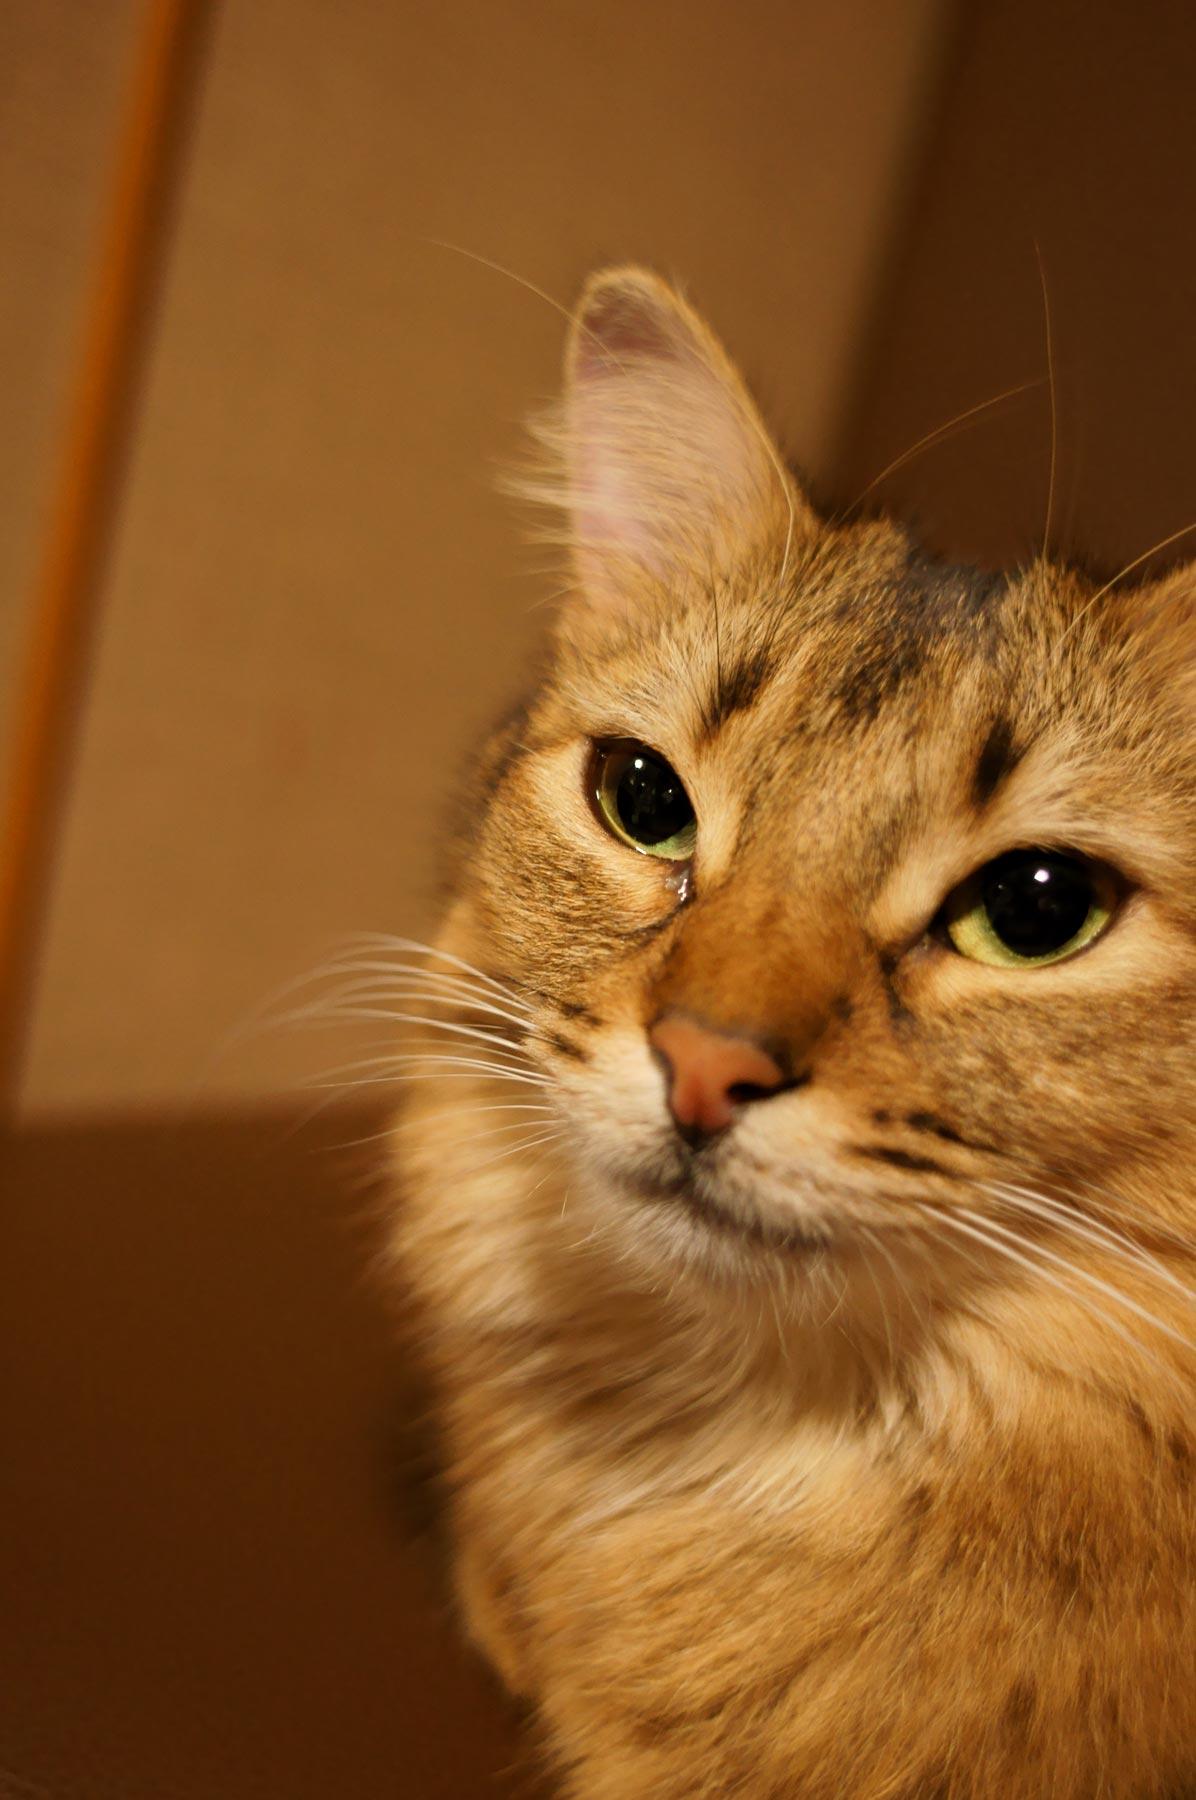 AF24mmF2.8で猫写真 その2_e0216133_22142826.jpg